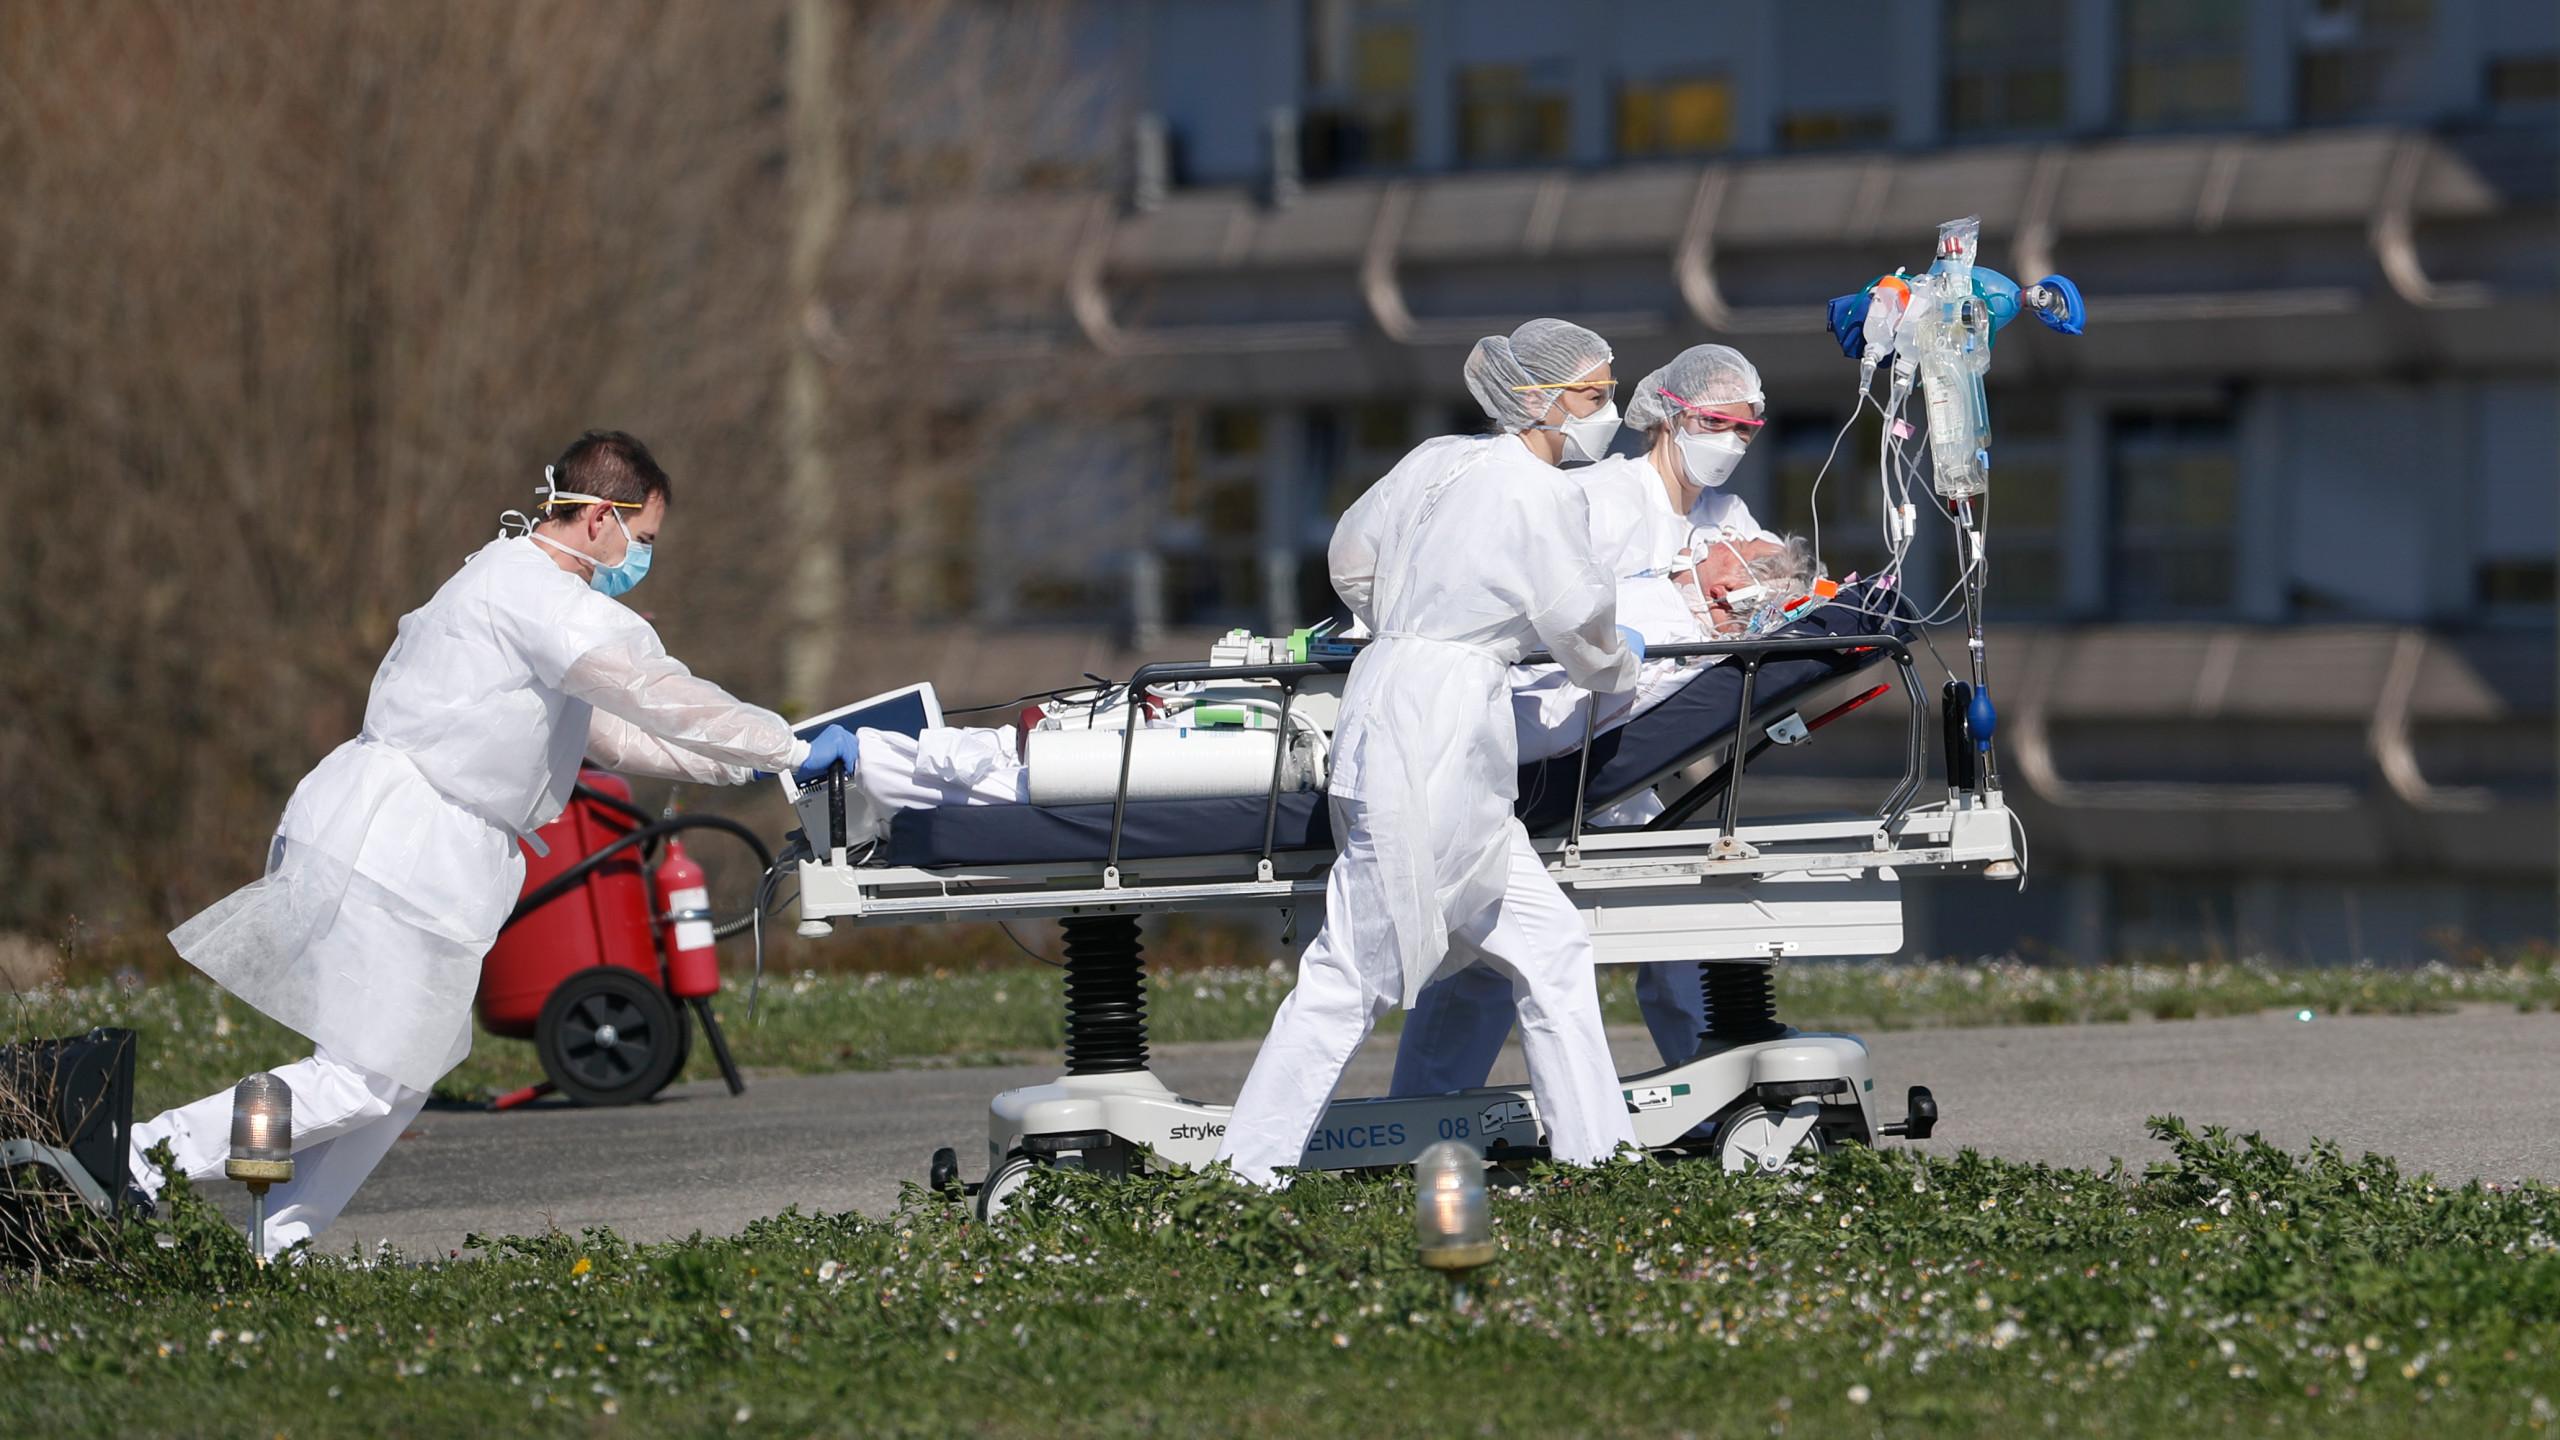 Bilanci tragjik në Spanjë, të paktën 838 persona humbin jetën brenda ditës si pasojë e koronavirusit